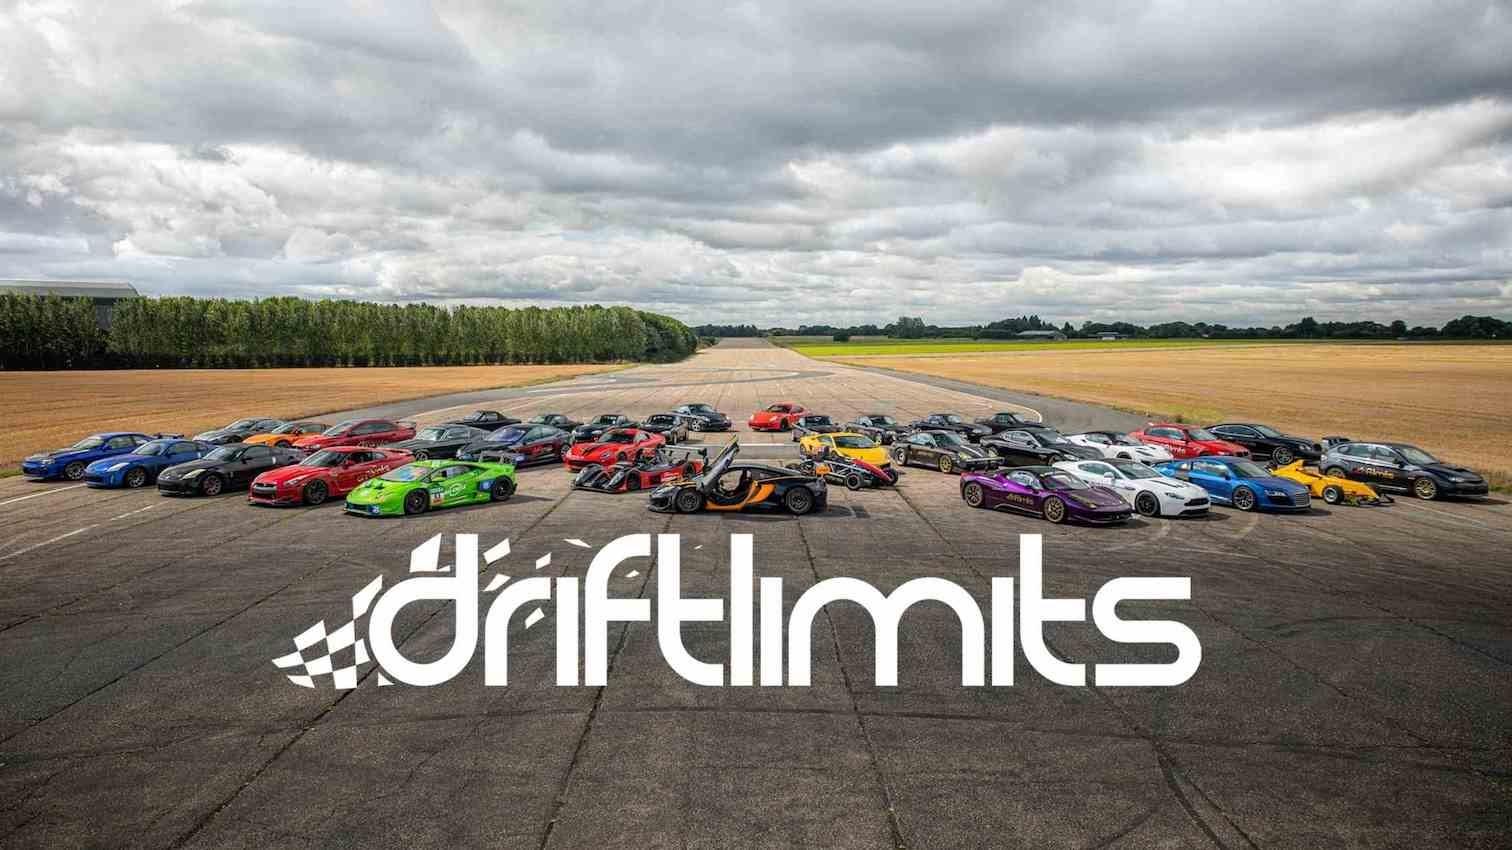 A fleet of cars on a race course